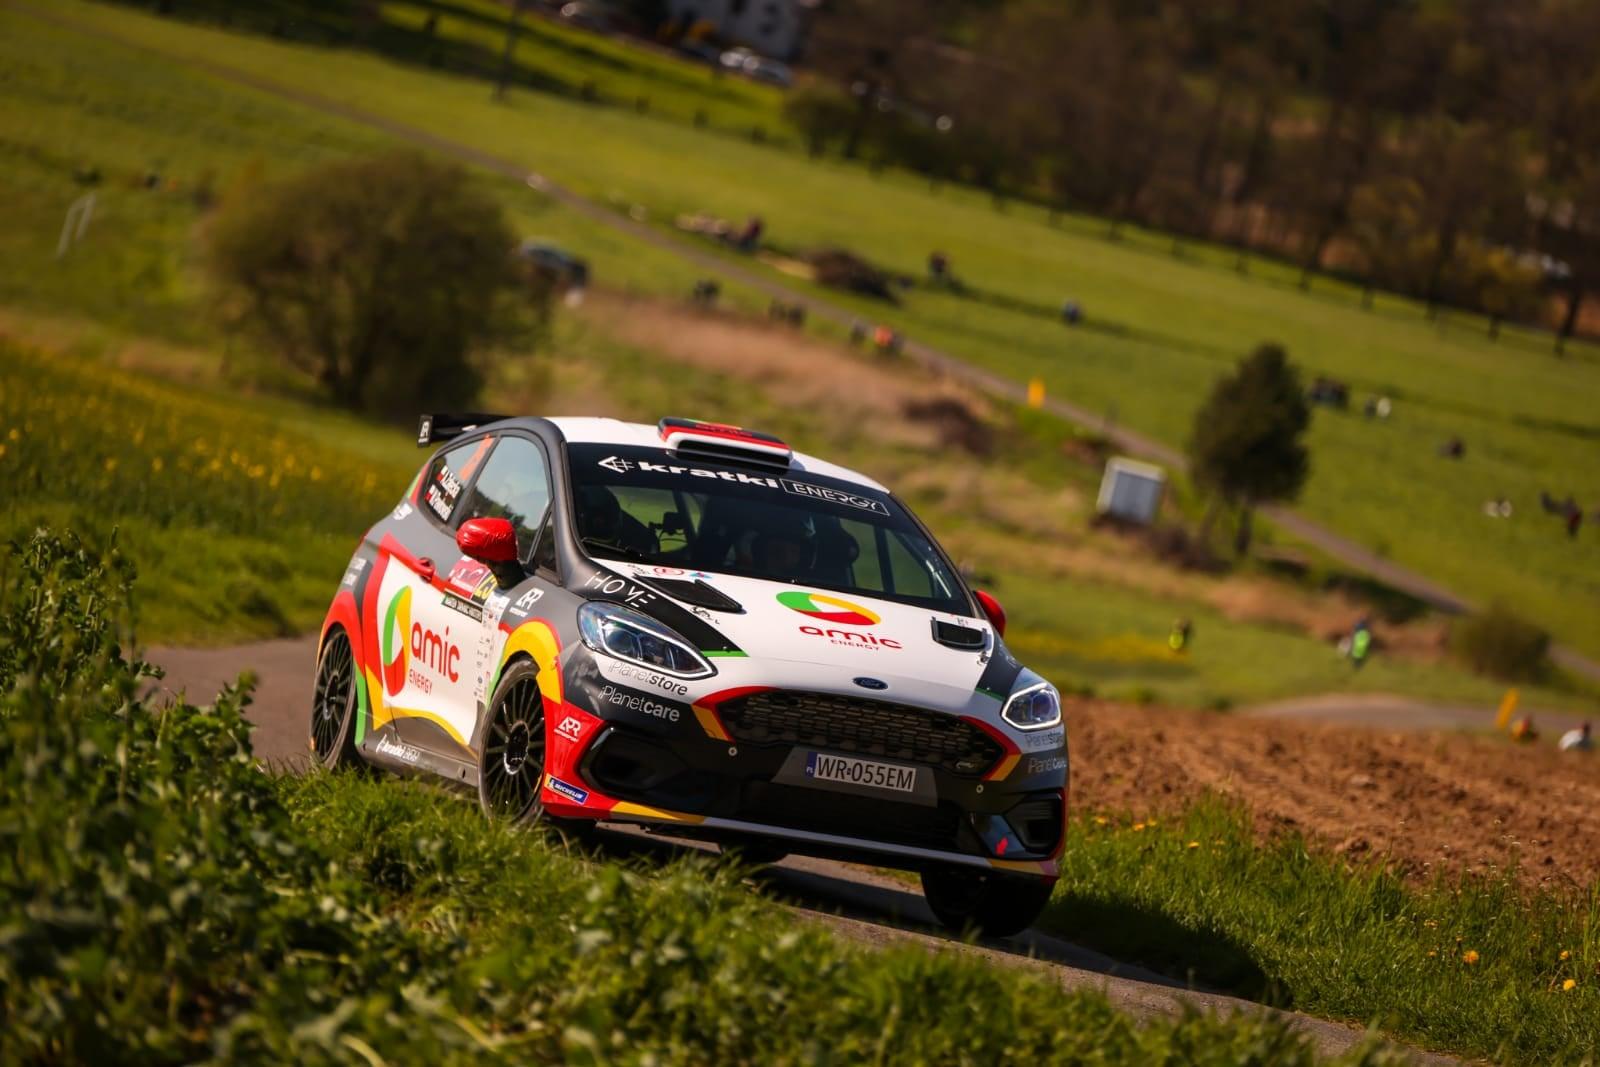 Amic Rally Team - Marten Tarmac Masters